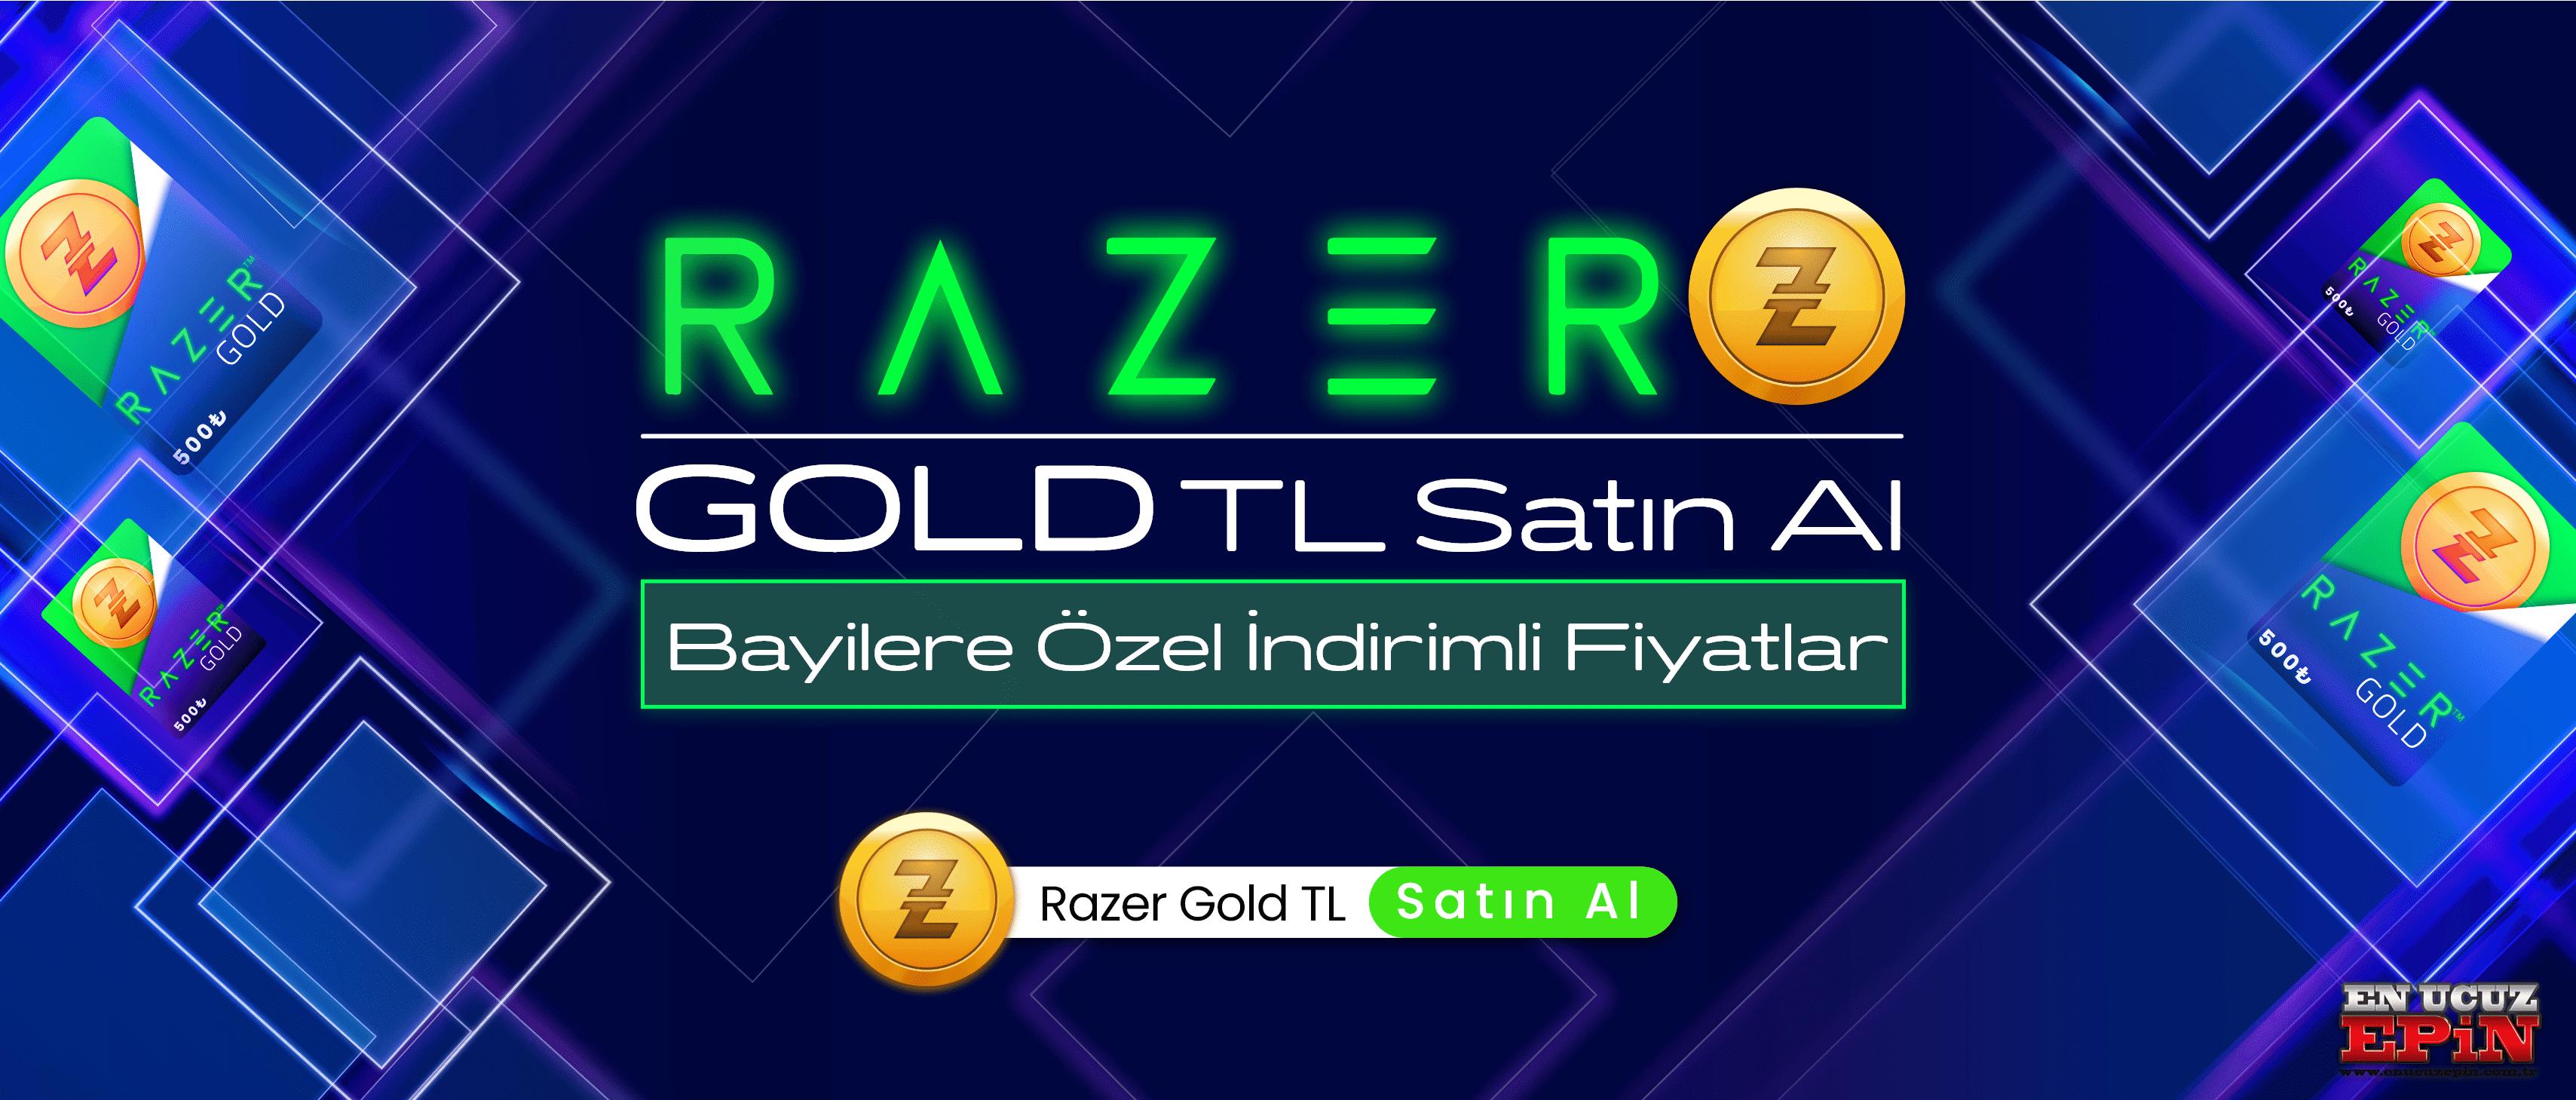 Razer Gold TL Satın al - Bayilere özel indirimli fiyatlar ile hemen satın al EnucuzEpin-min